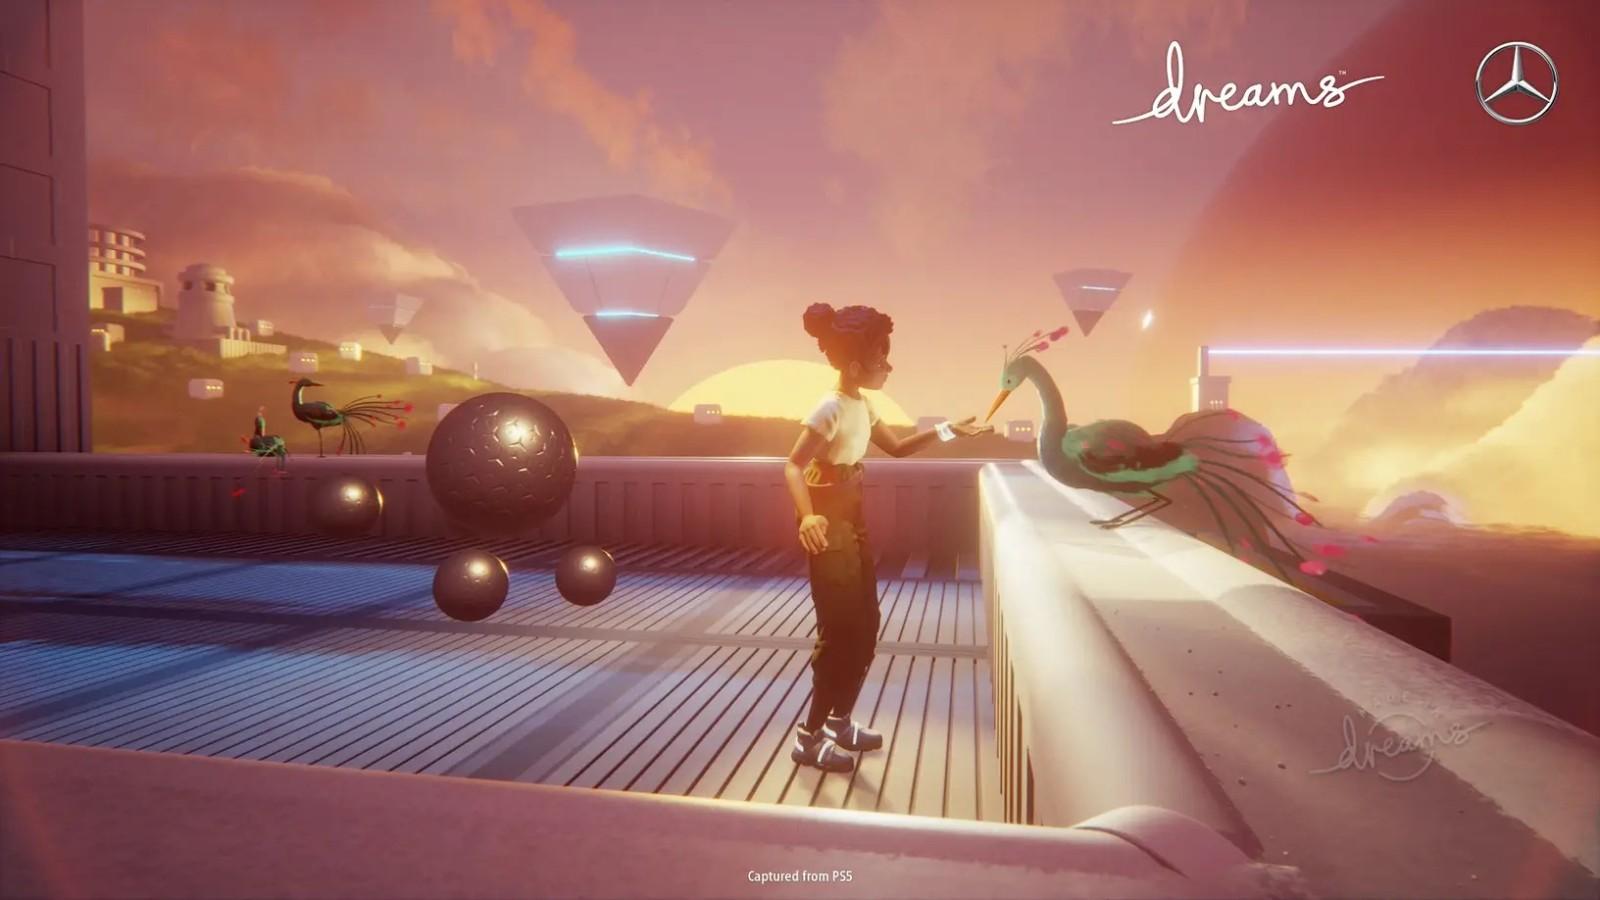 《Dreams》与梅赛德斯奔驰联动预告 畅想未来